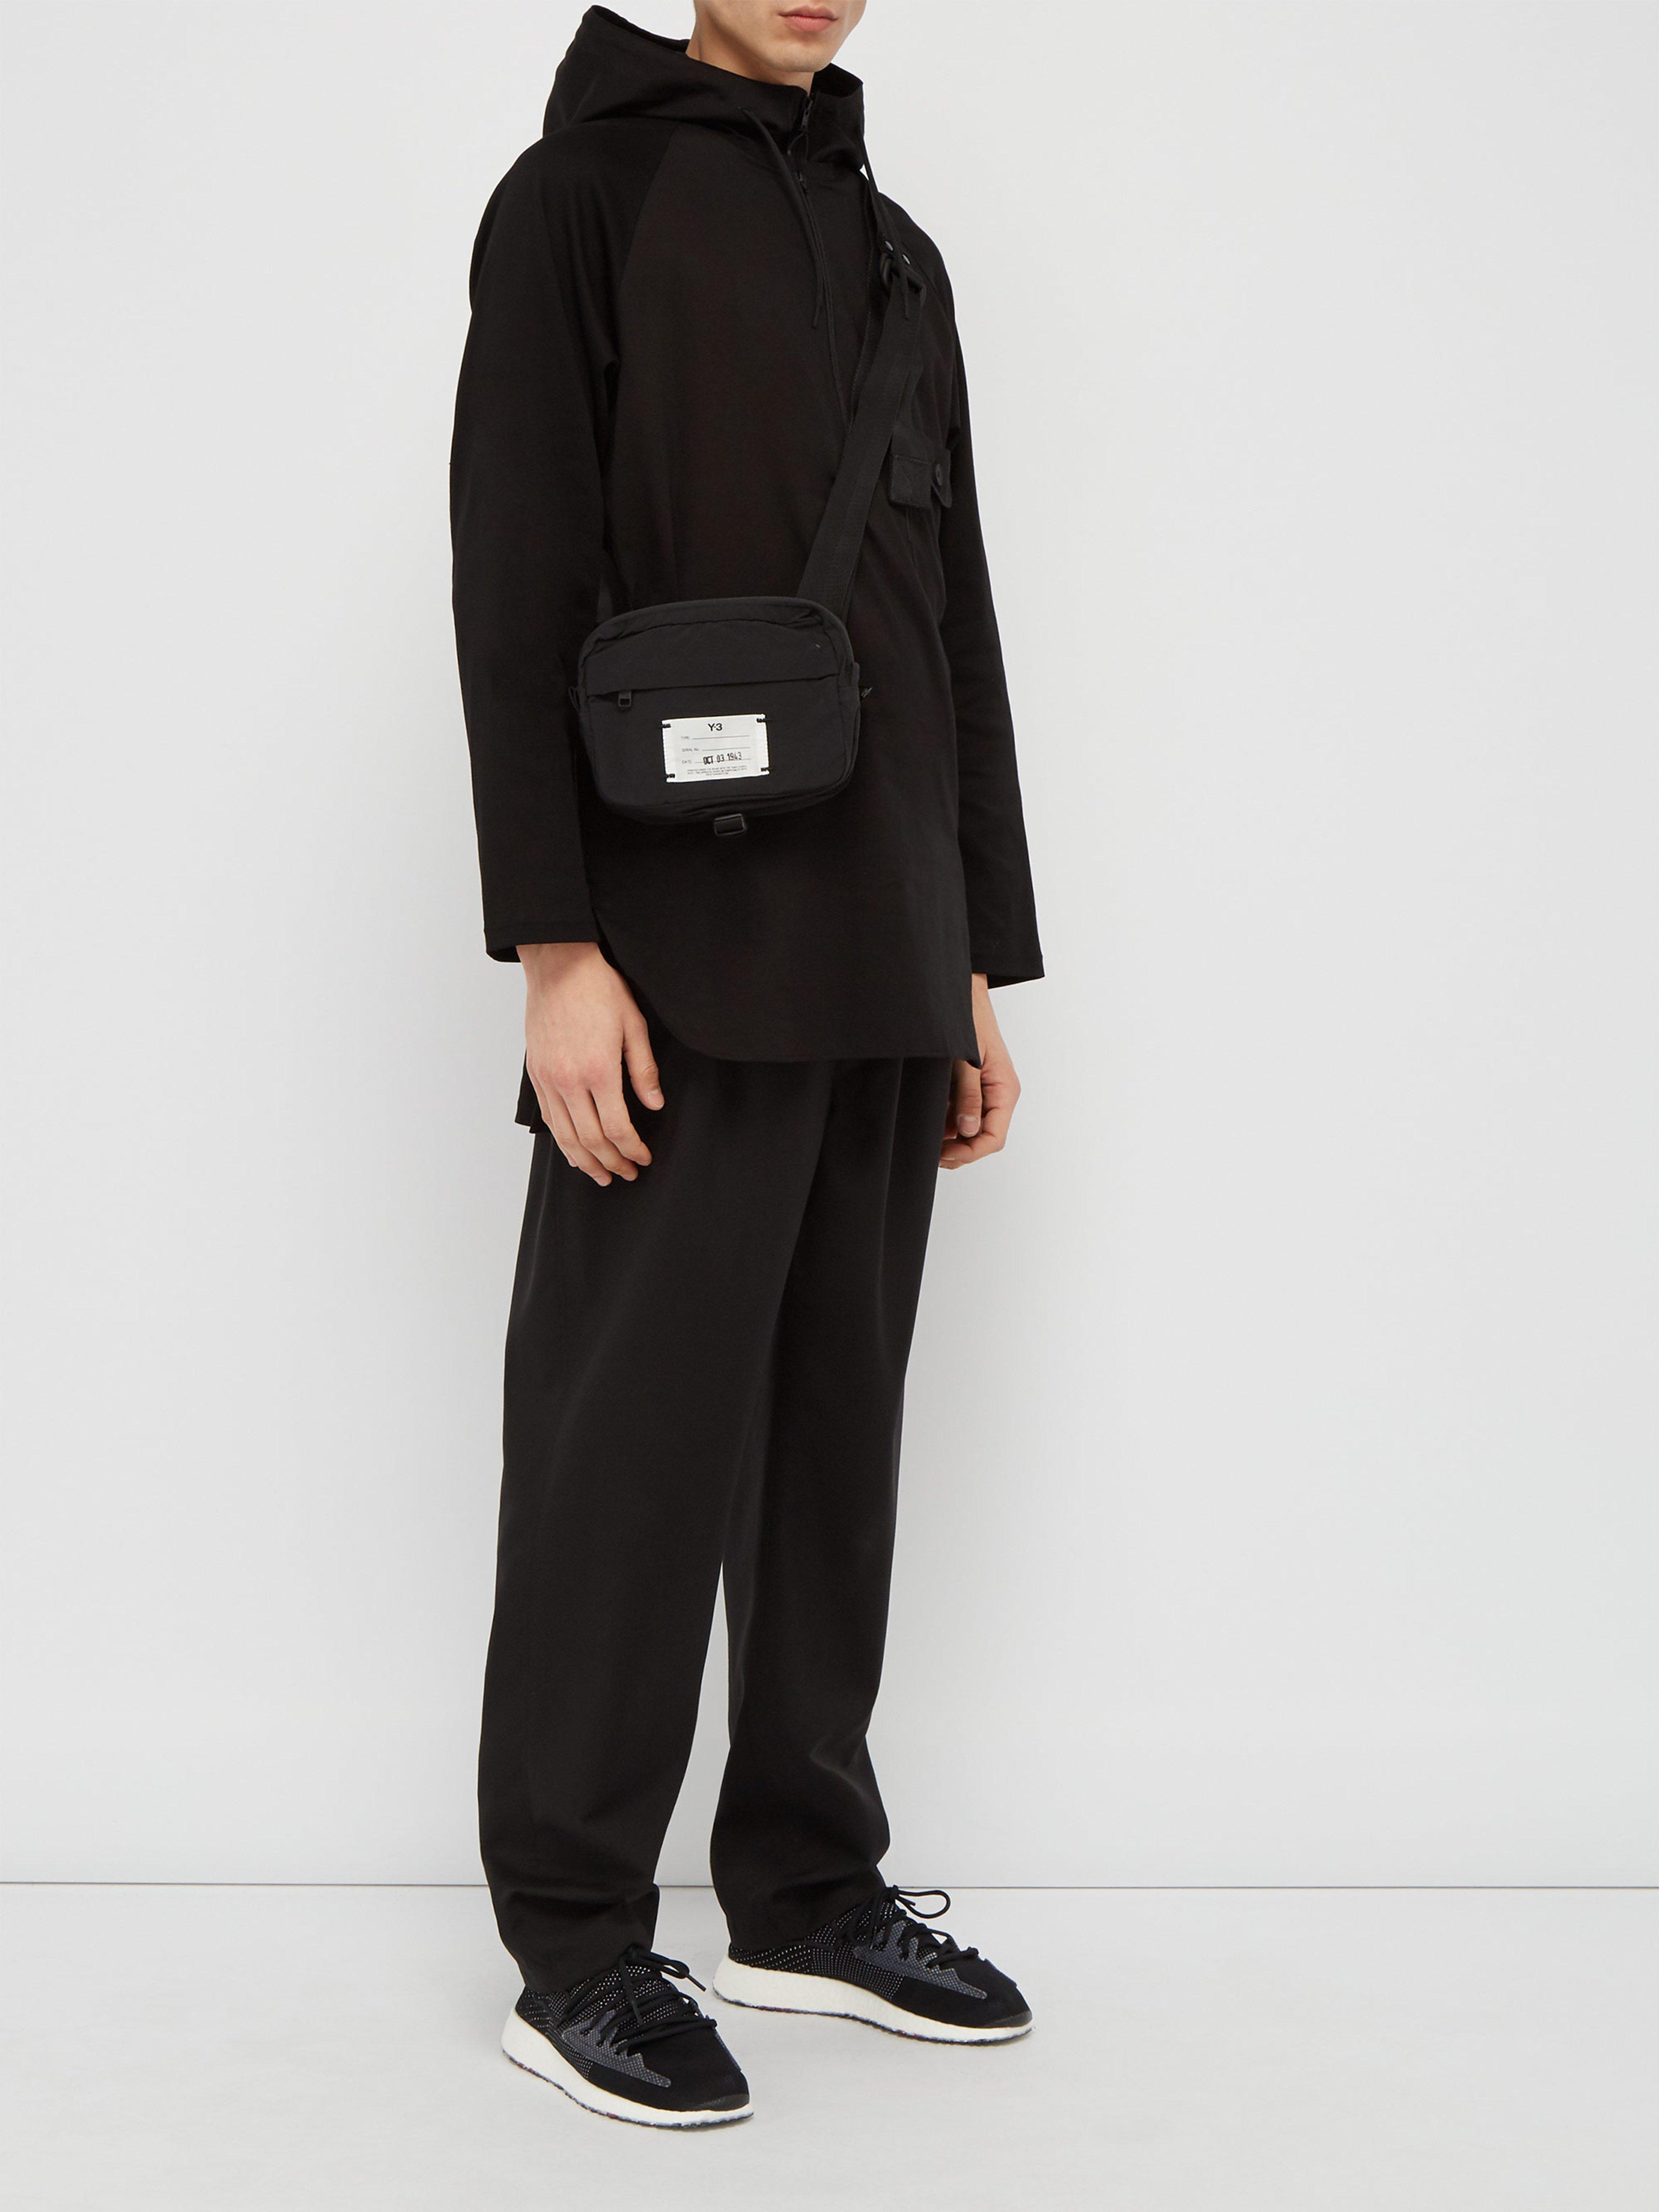 c2950604ac593 Y-3 Quarter Zip Jersey Hooded Top in Black for Men - Lyst